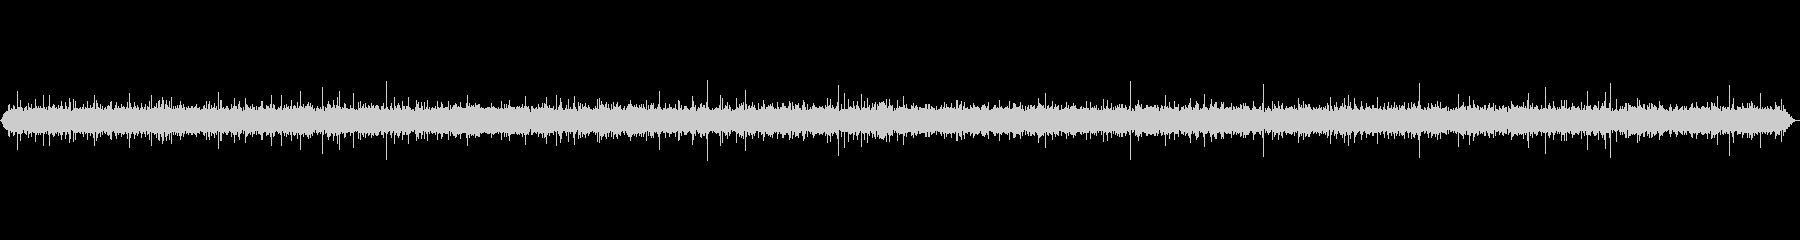 小さな湧水の環境音の未再生の波形